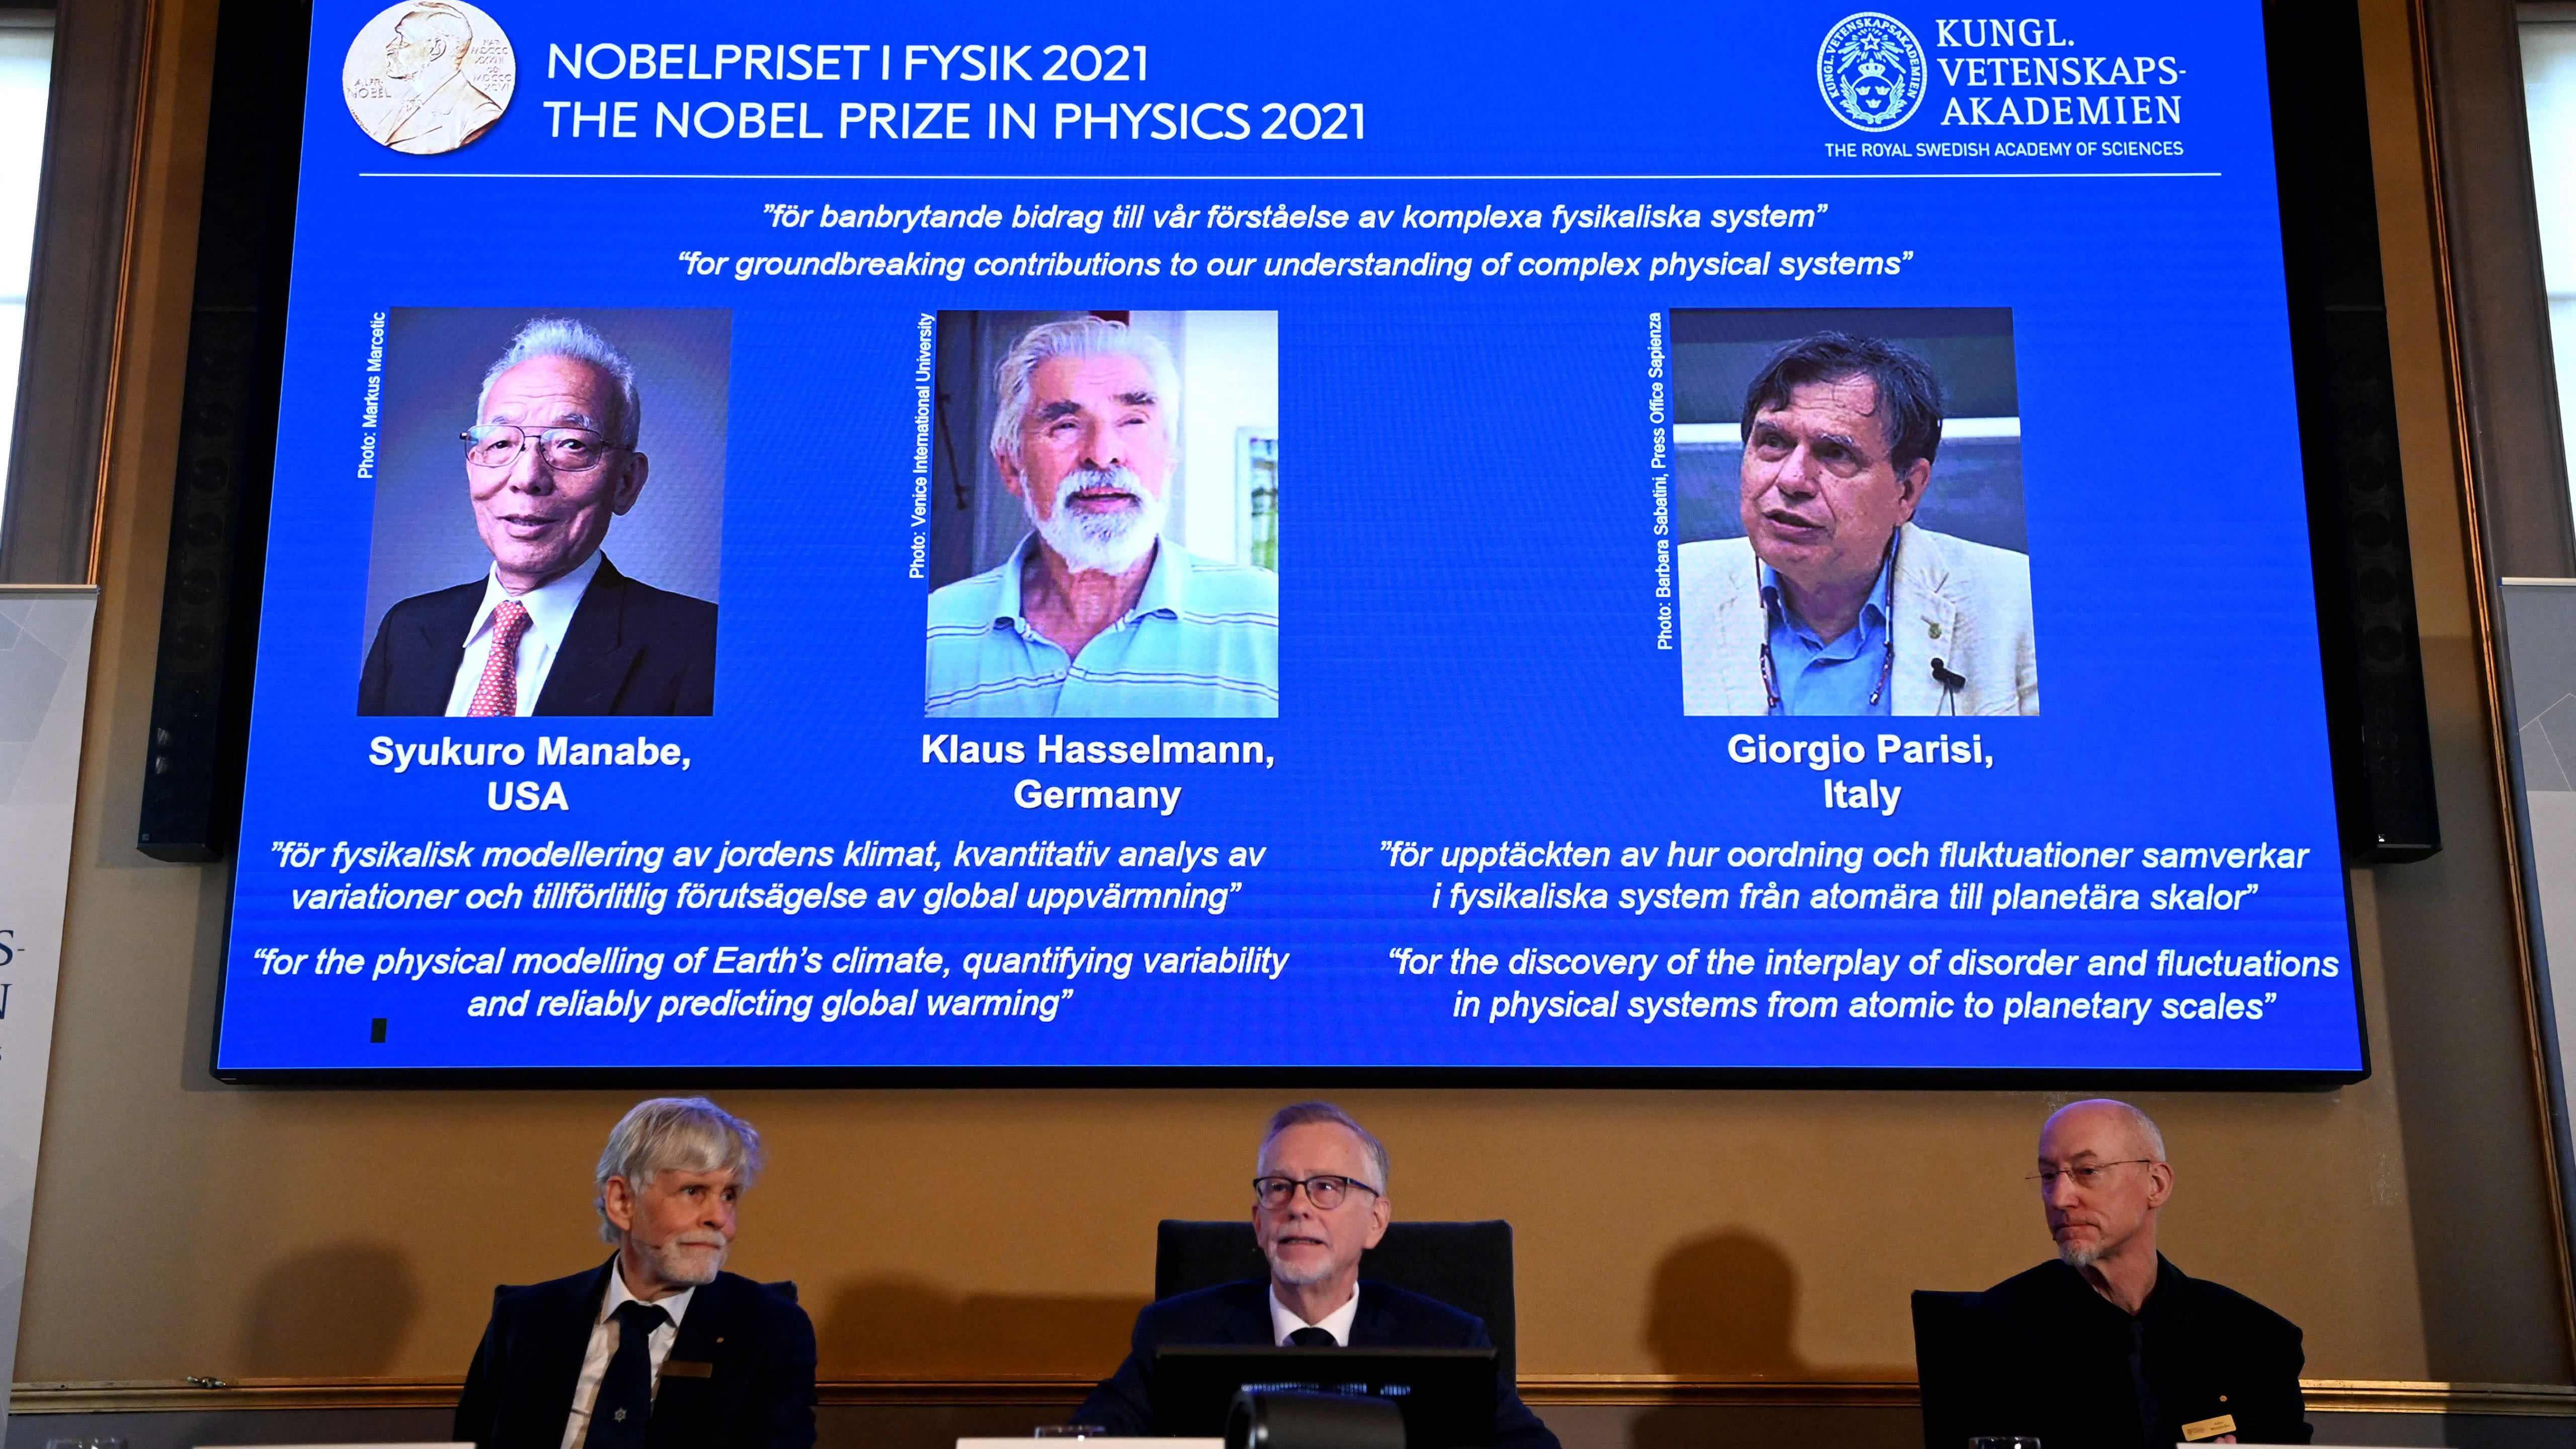 Fysiikan Nobel ilmastonmuutoksen perusteiden avaajille